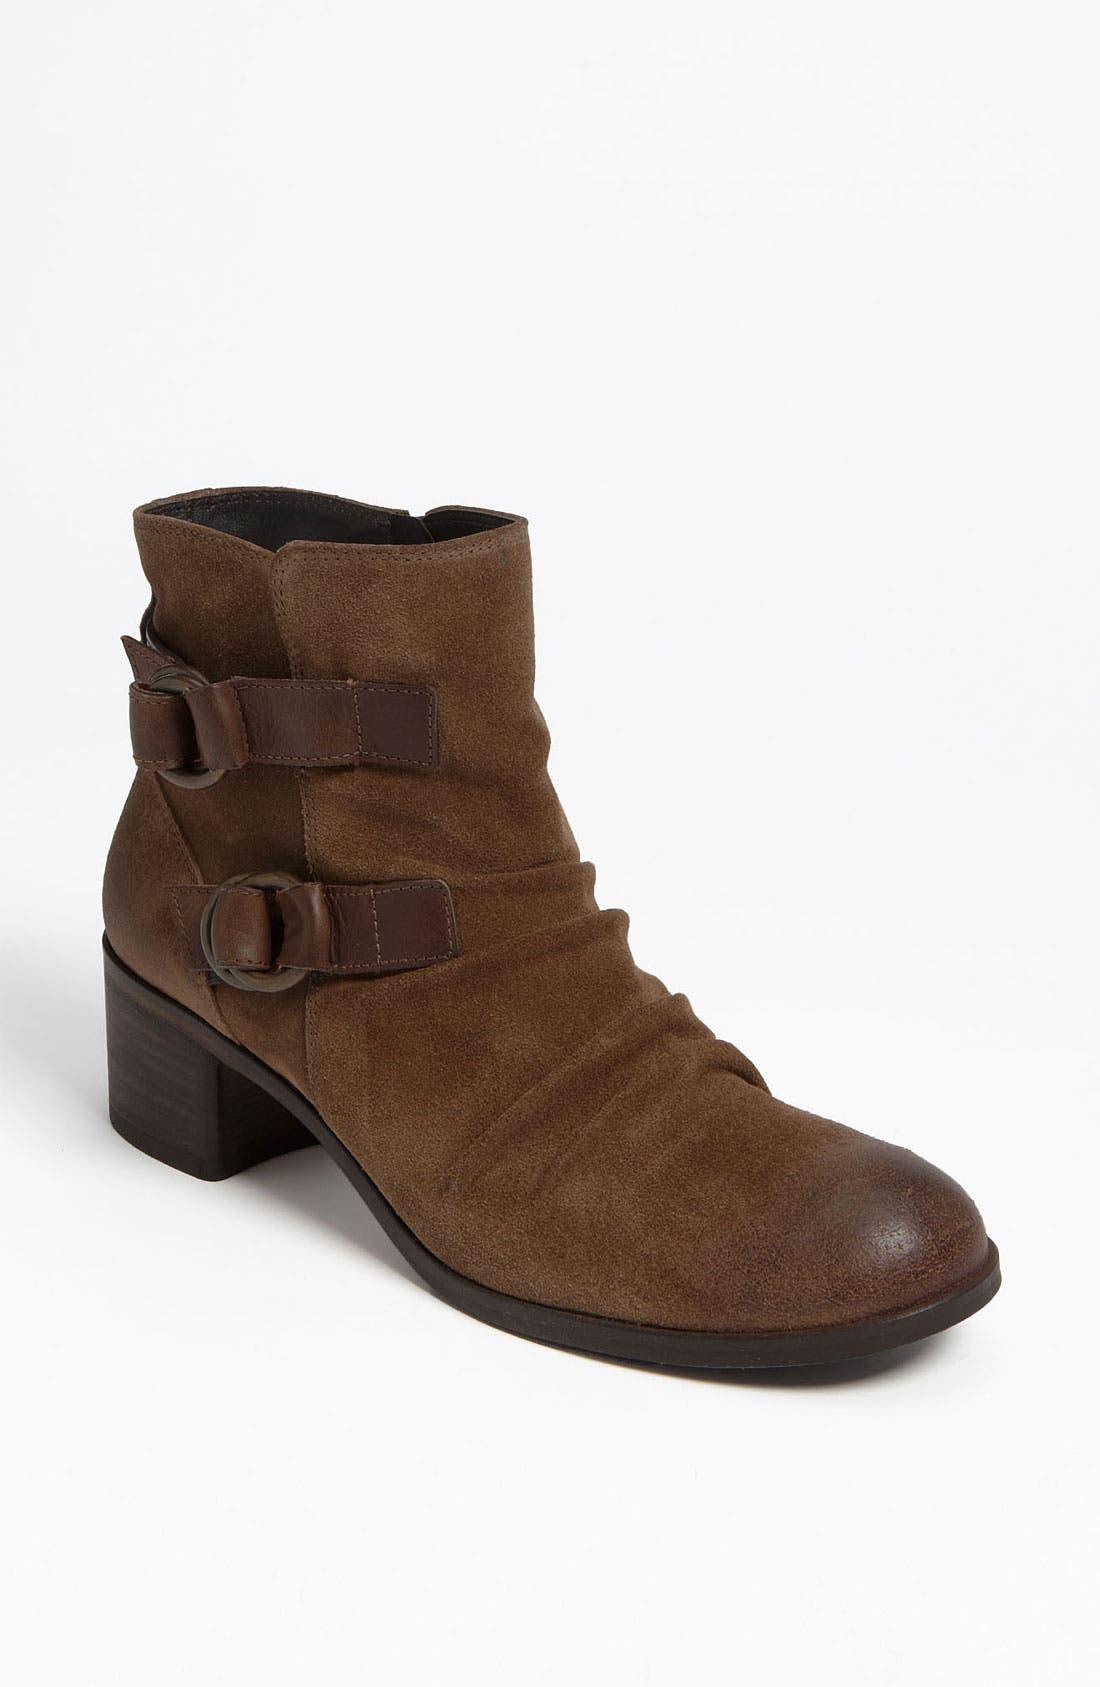 Alternate Image 1 Selected - Paul Green 'Newbury' Boot